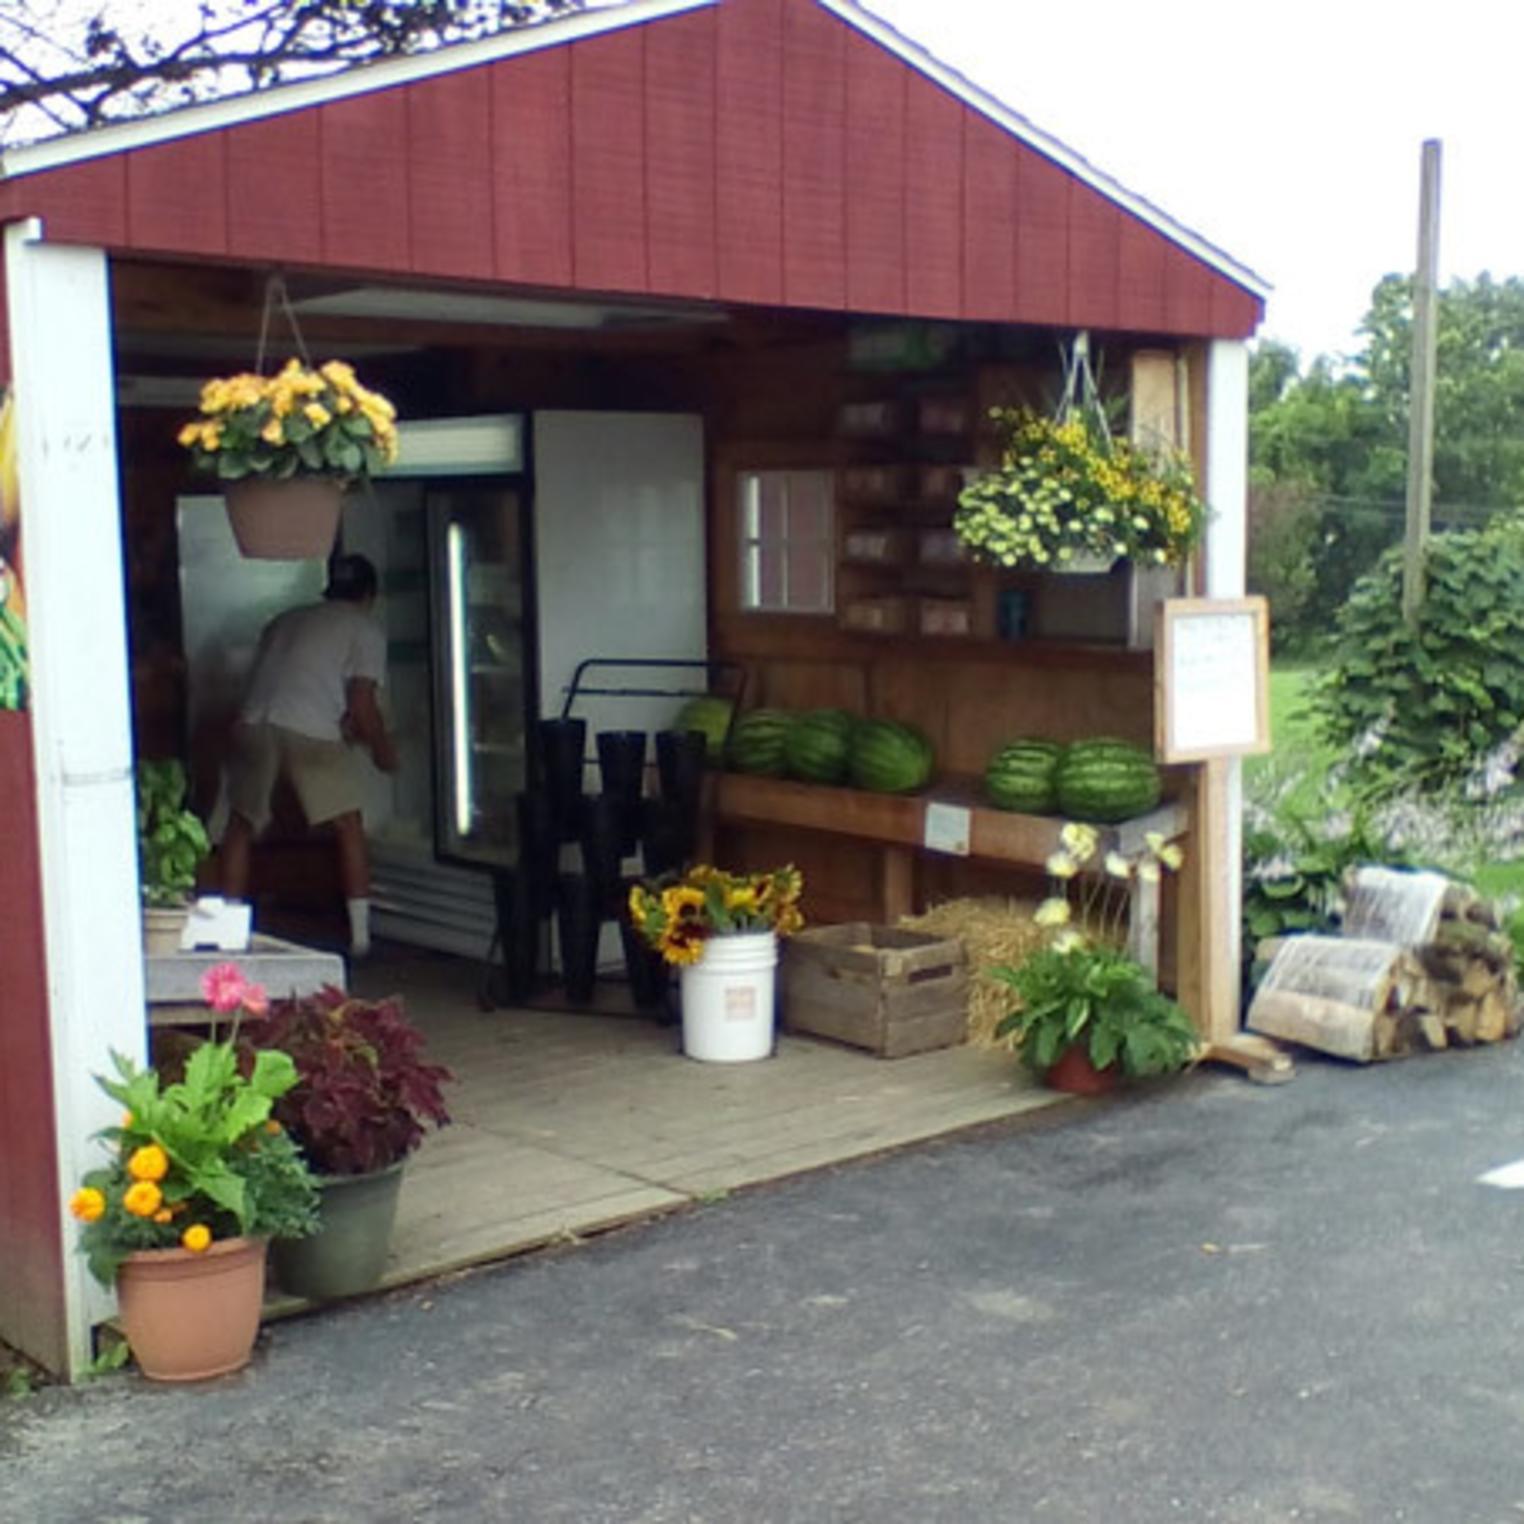 Basehore Farm